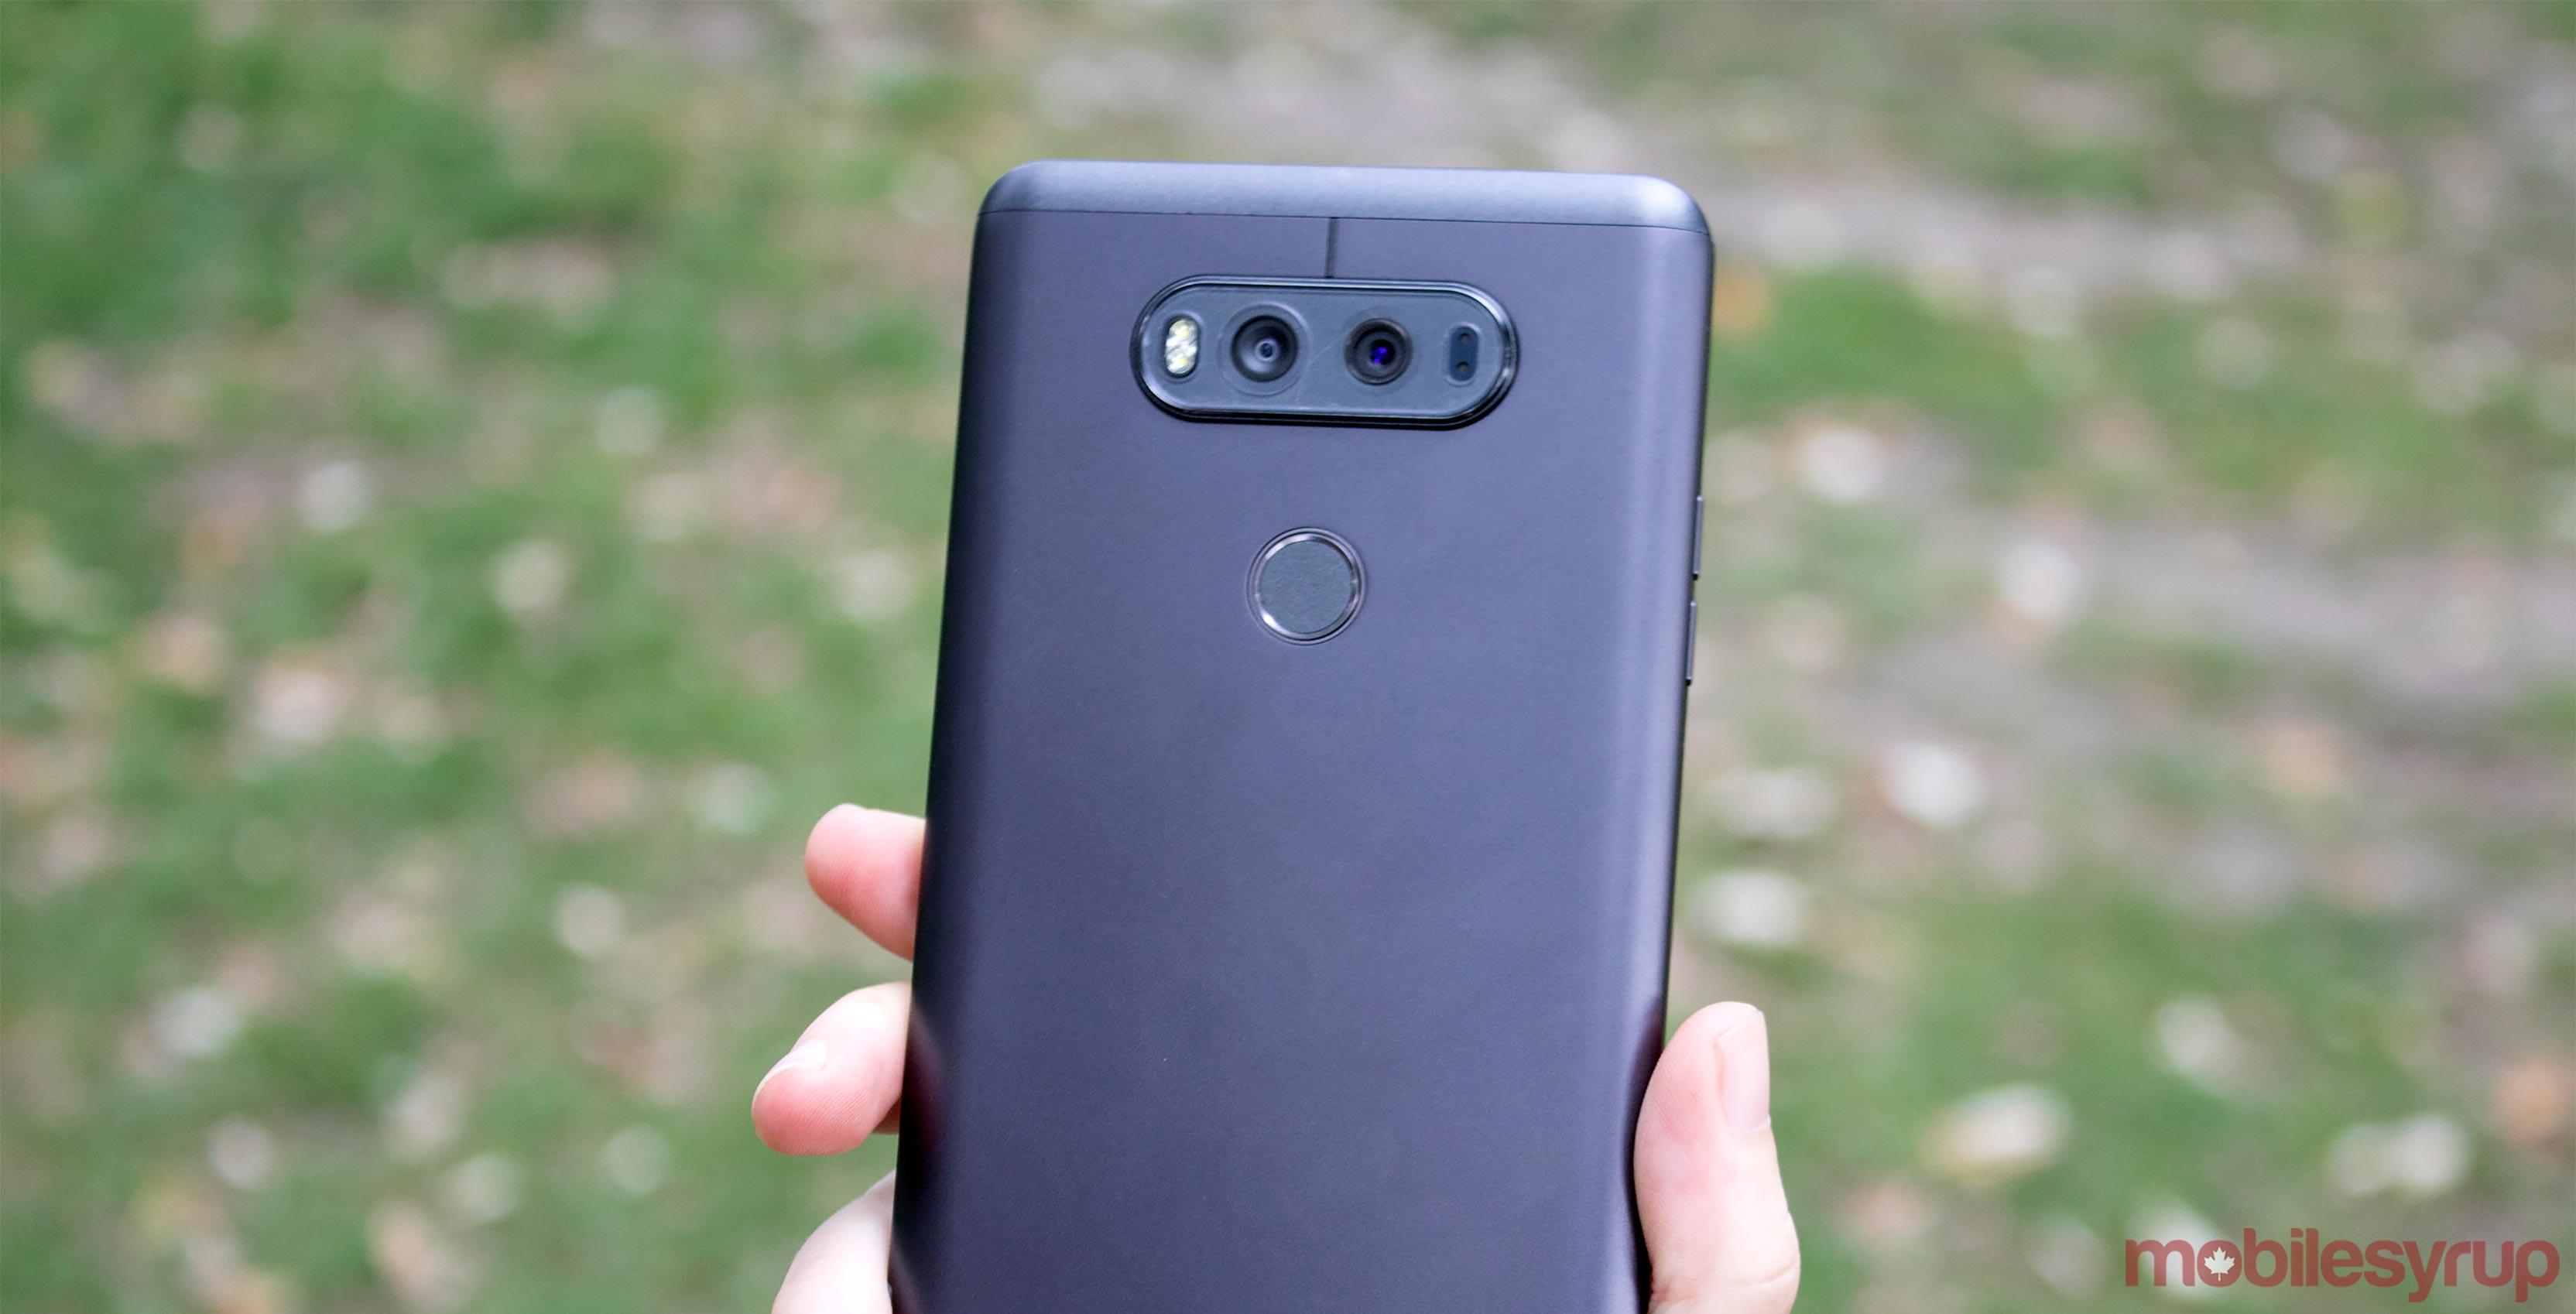 back of LG V20 smartphone - lg v20 rogers bell fido virgin mobile